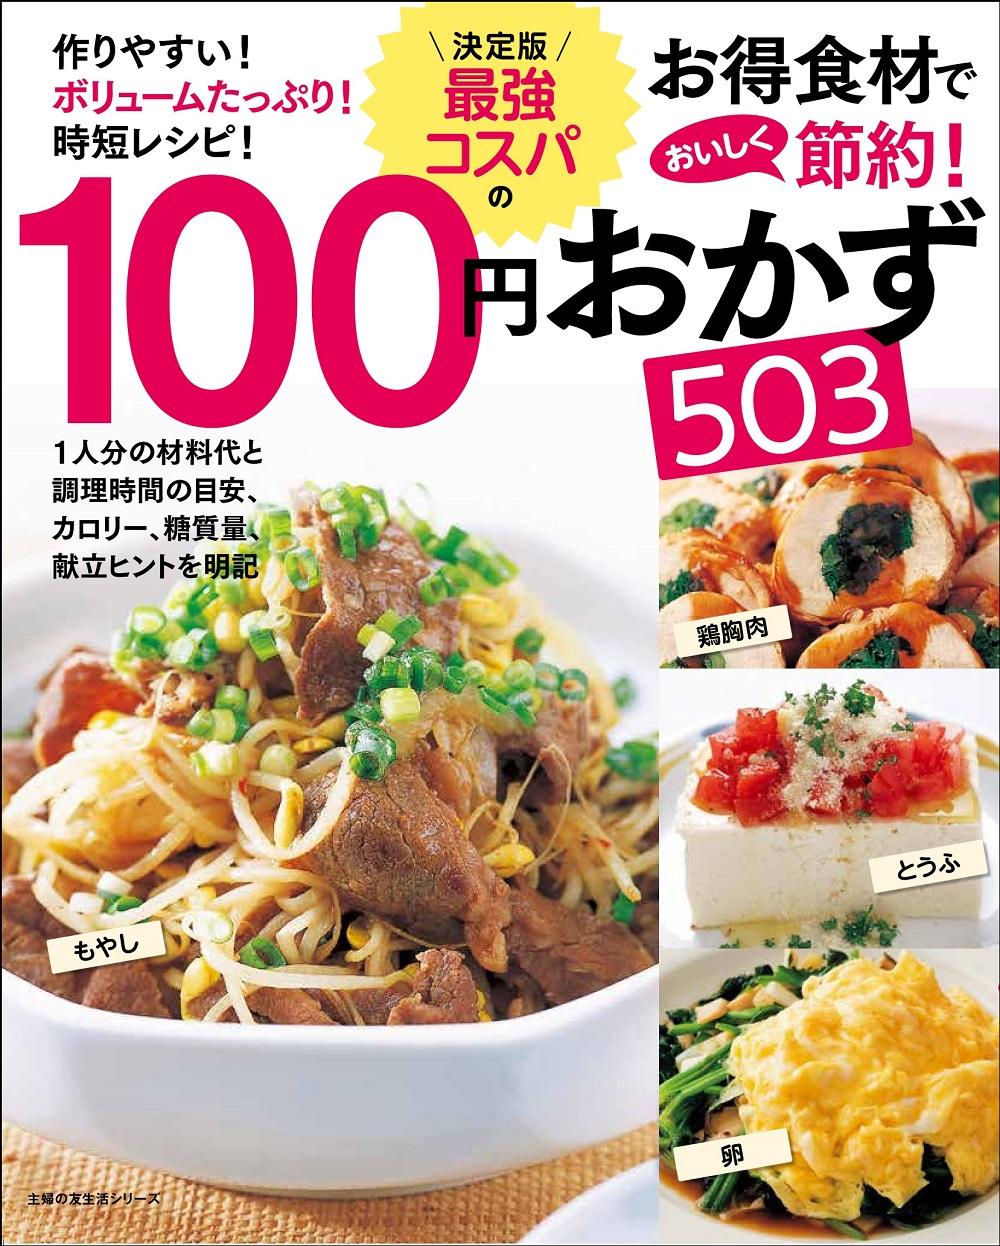 写真は、『決定版 最強コスパの100円おかず503』(主婦の友社)